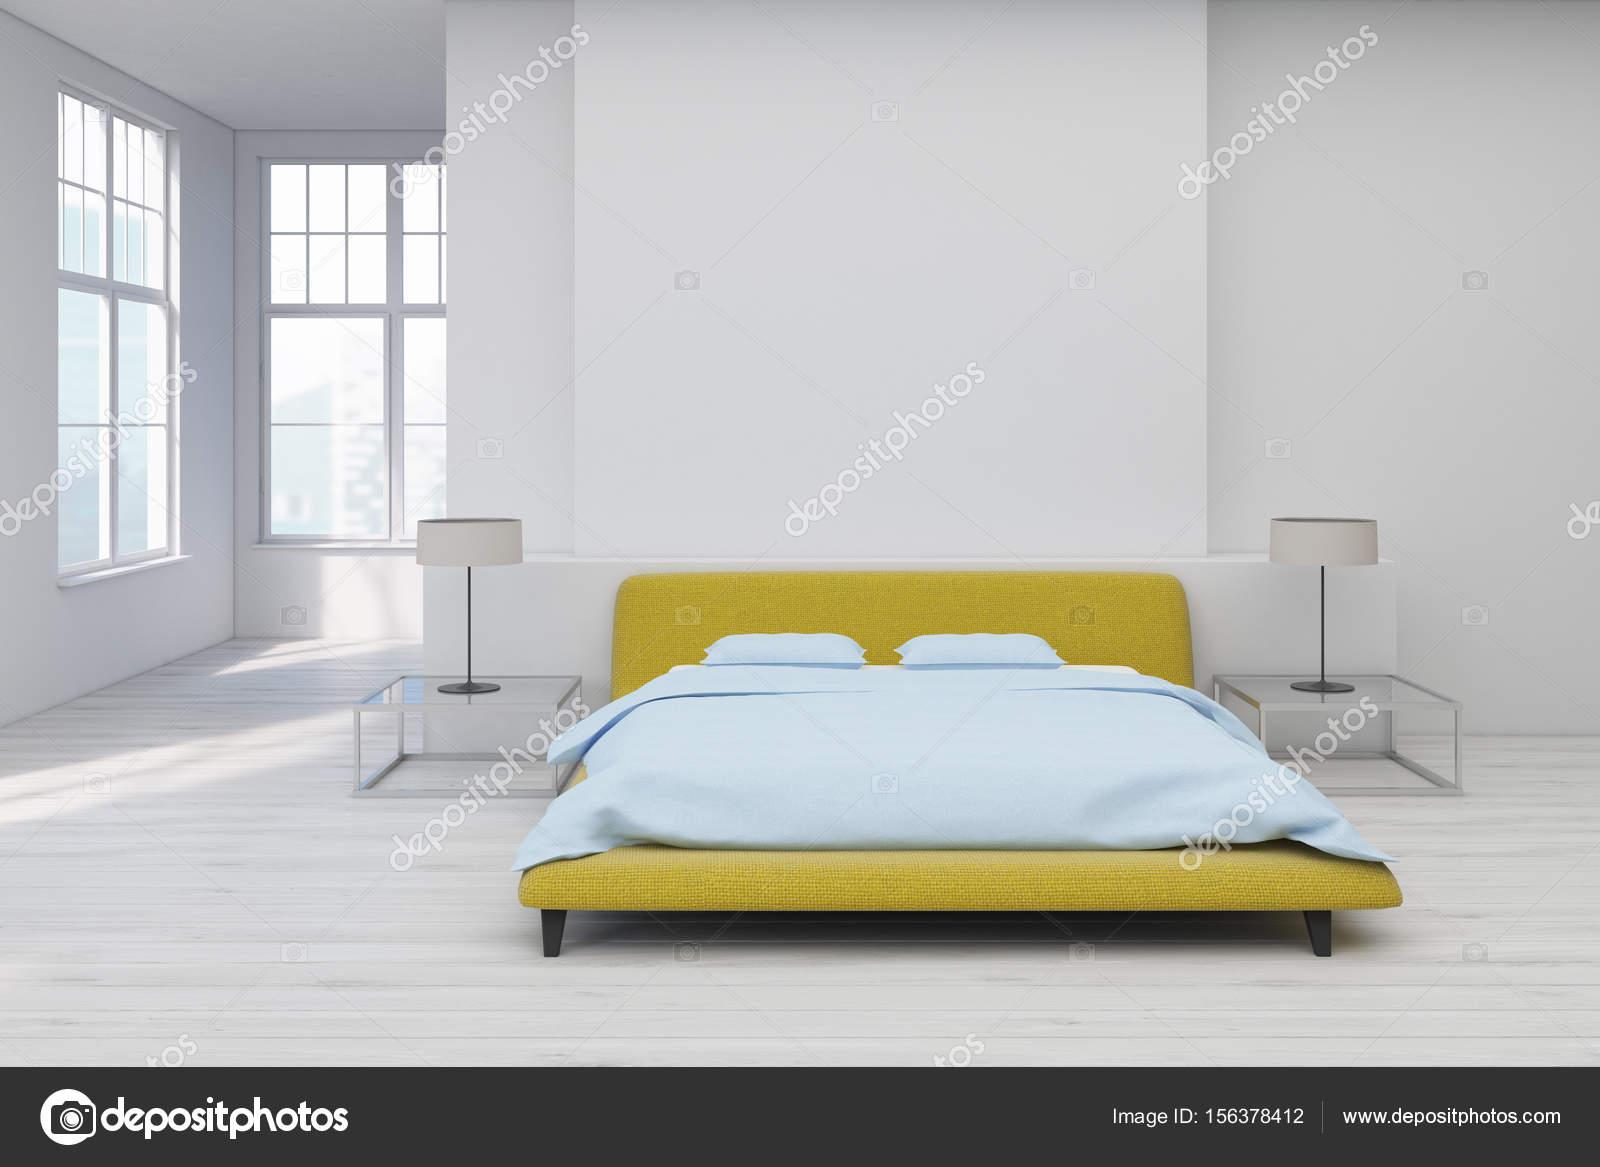 Plancher de la chambre jaune, blanc — Photographie denisismagilov ...